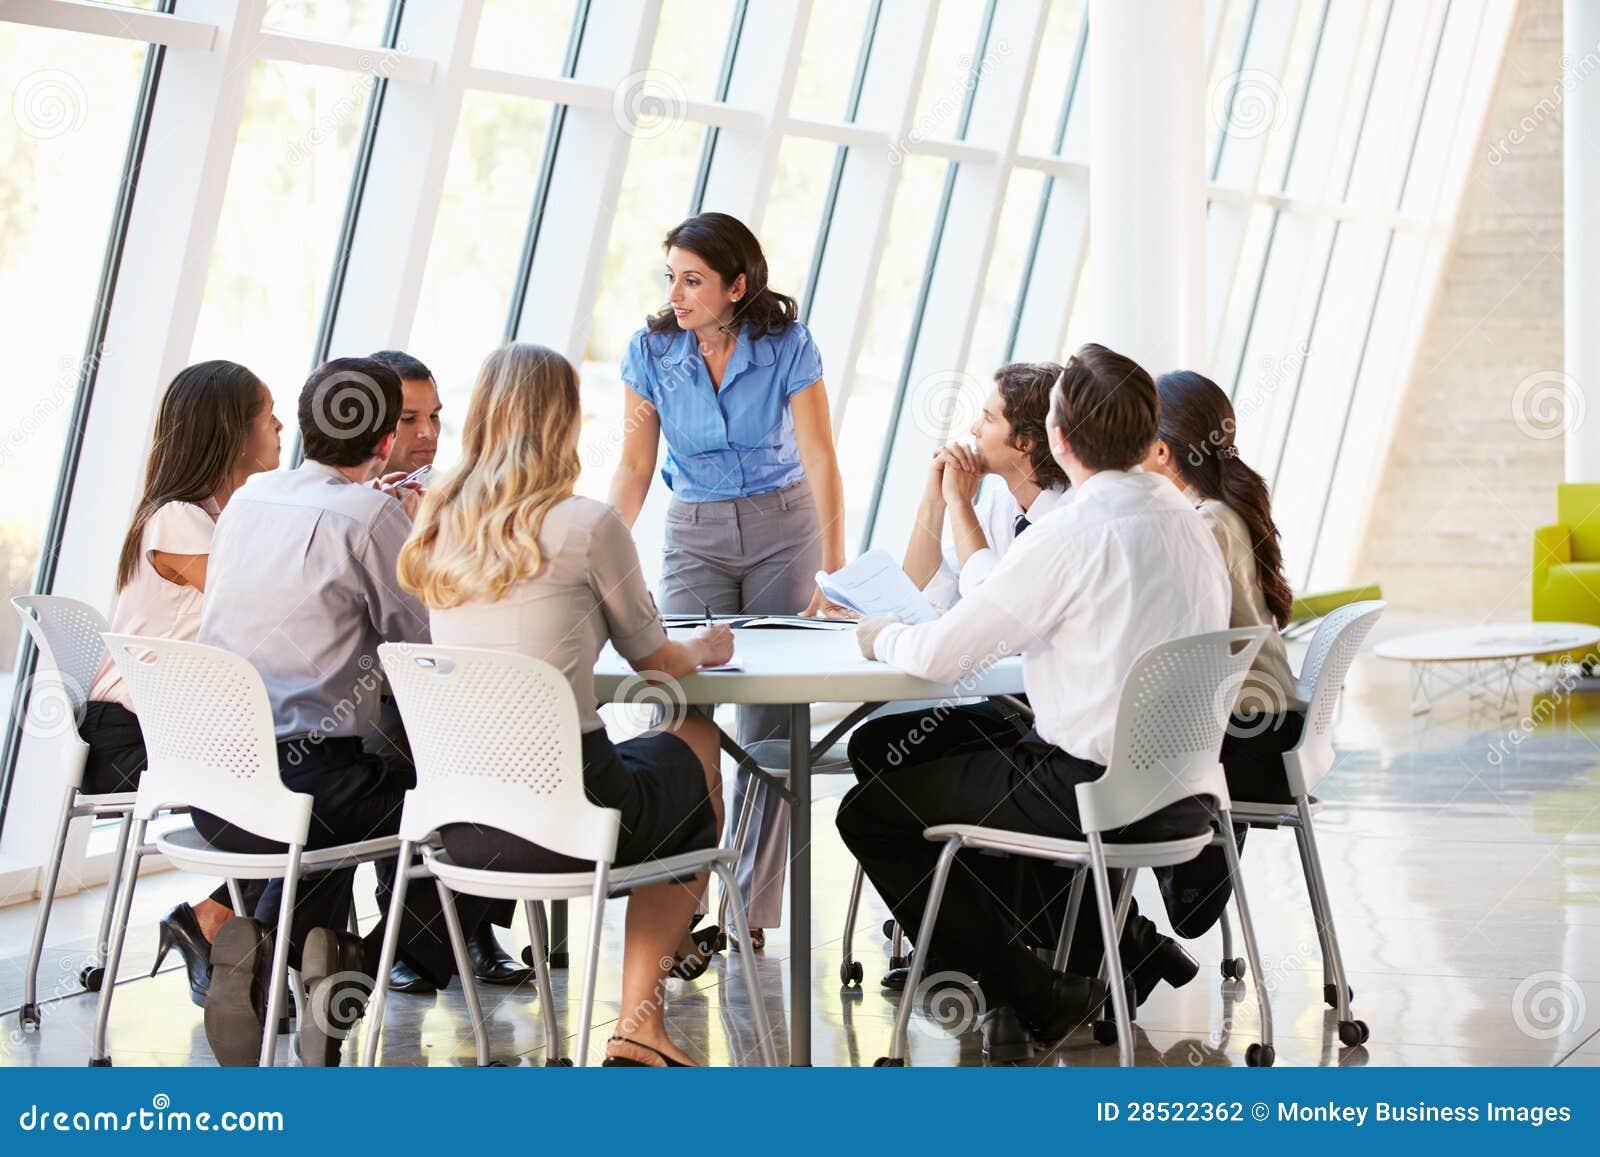 Business people having board meeting in modern office for Ambiente de trabajo